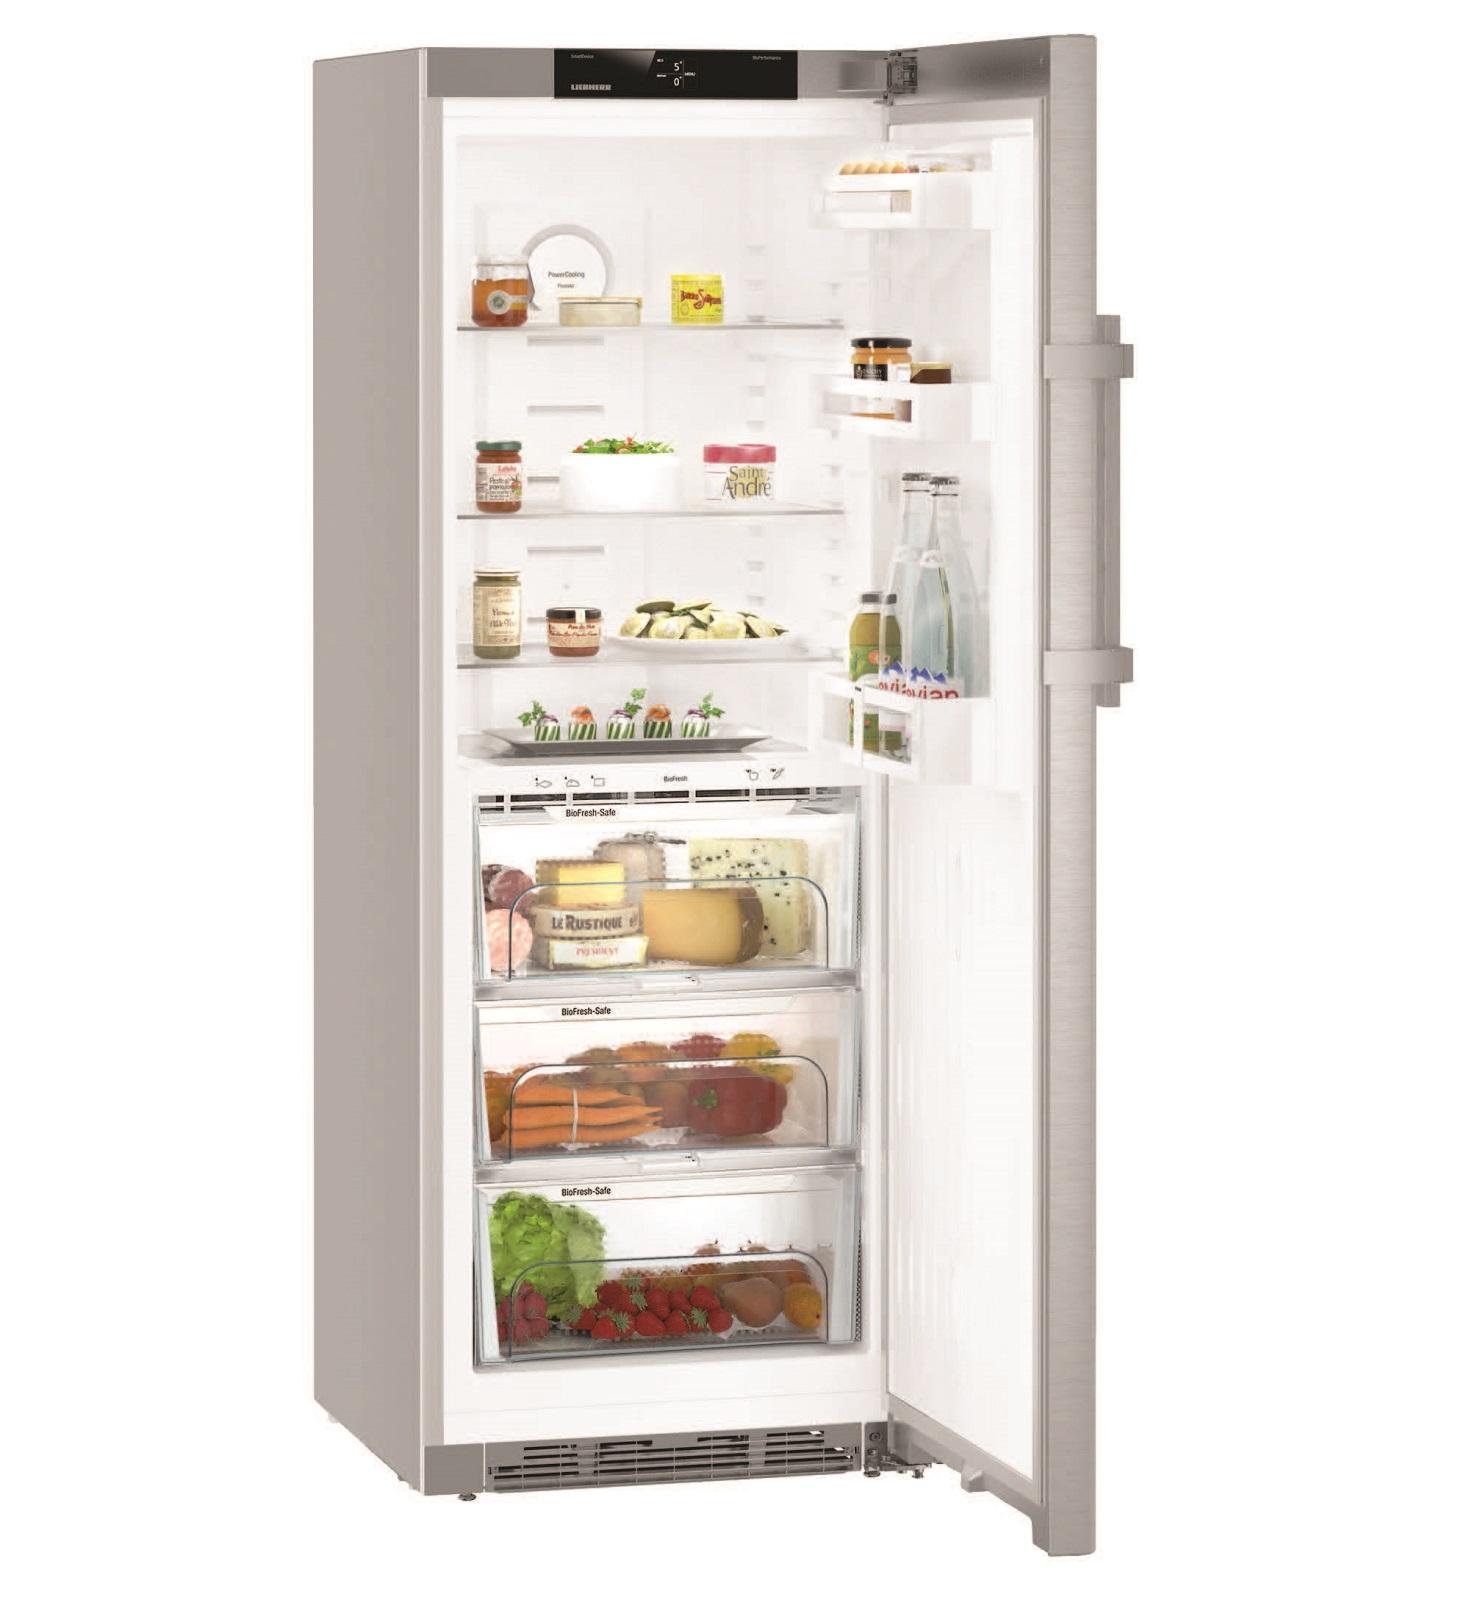 купить Однокамерный холодильник Liebherr KBef 3730 Украина фото 0